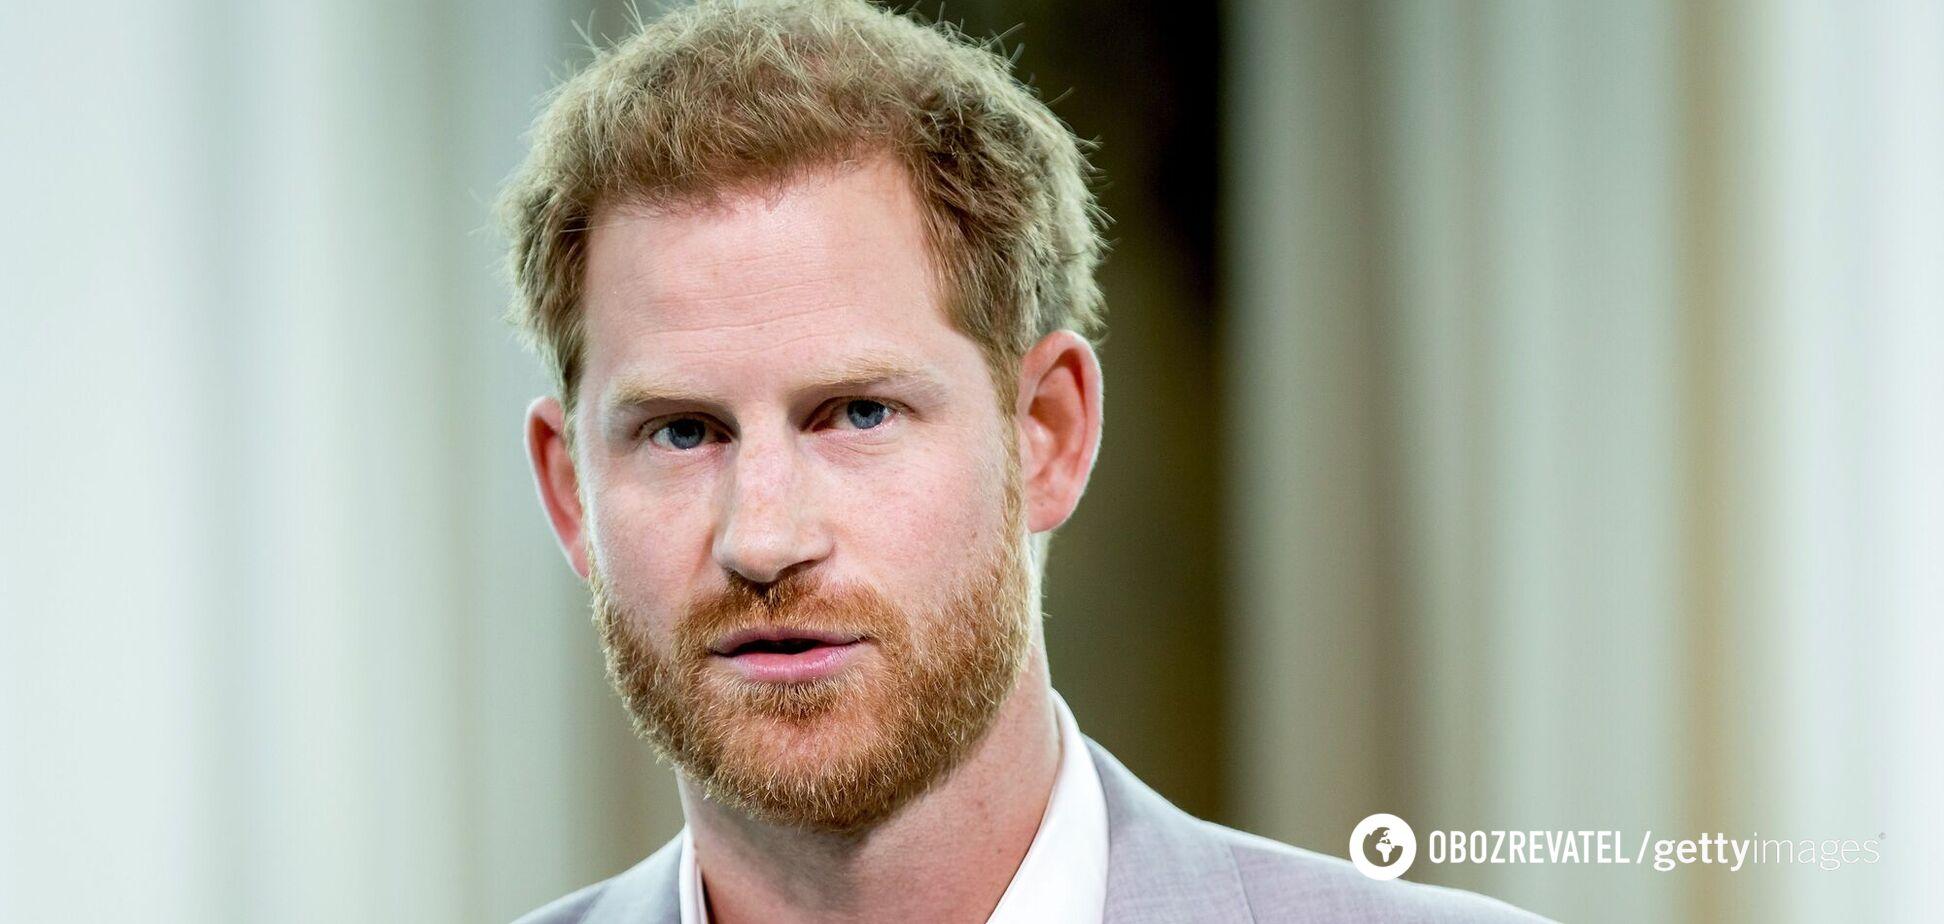 Принц Гарри может остаться в Великобритании